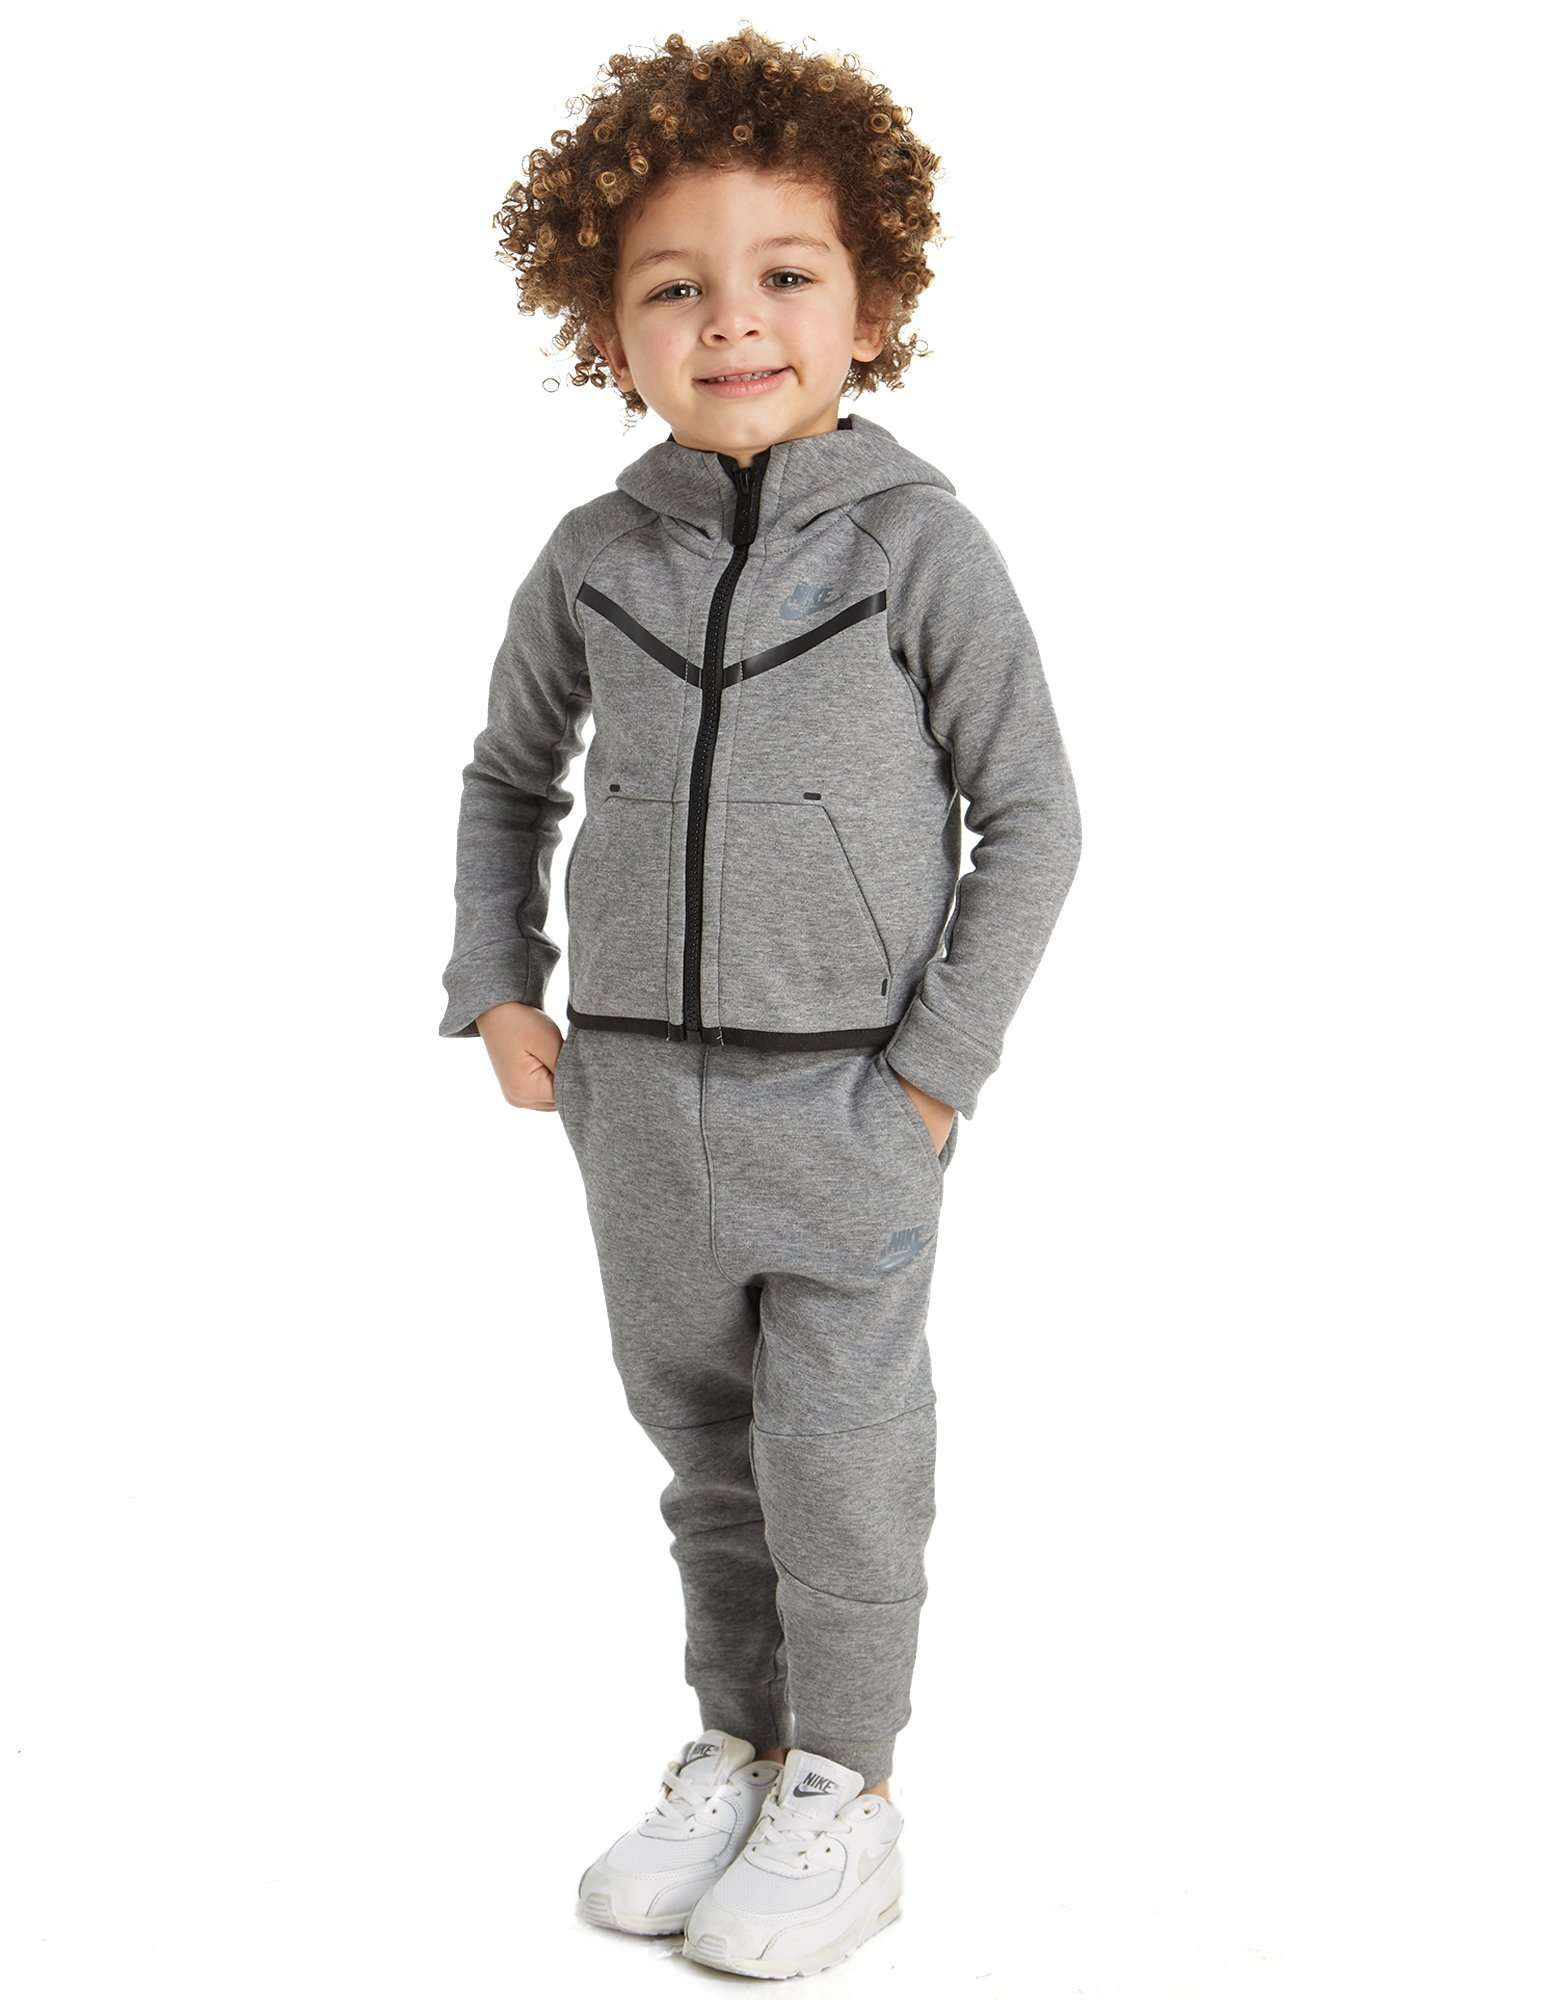 9a1361d0ef2e Nike Tech Fleece Suit Infant - Shop online for Nike Tech Fleece Suit Infant  with JD